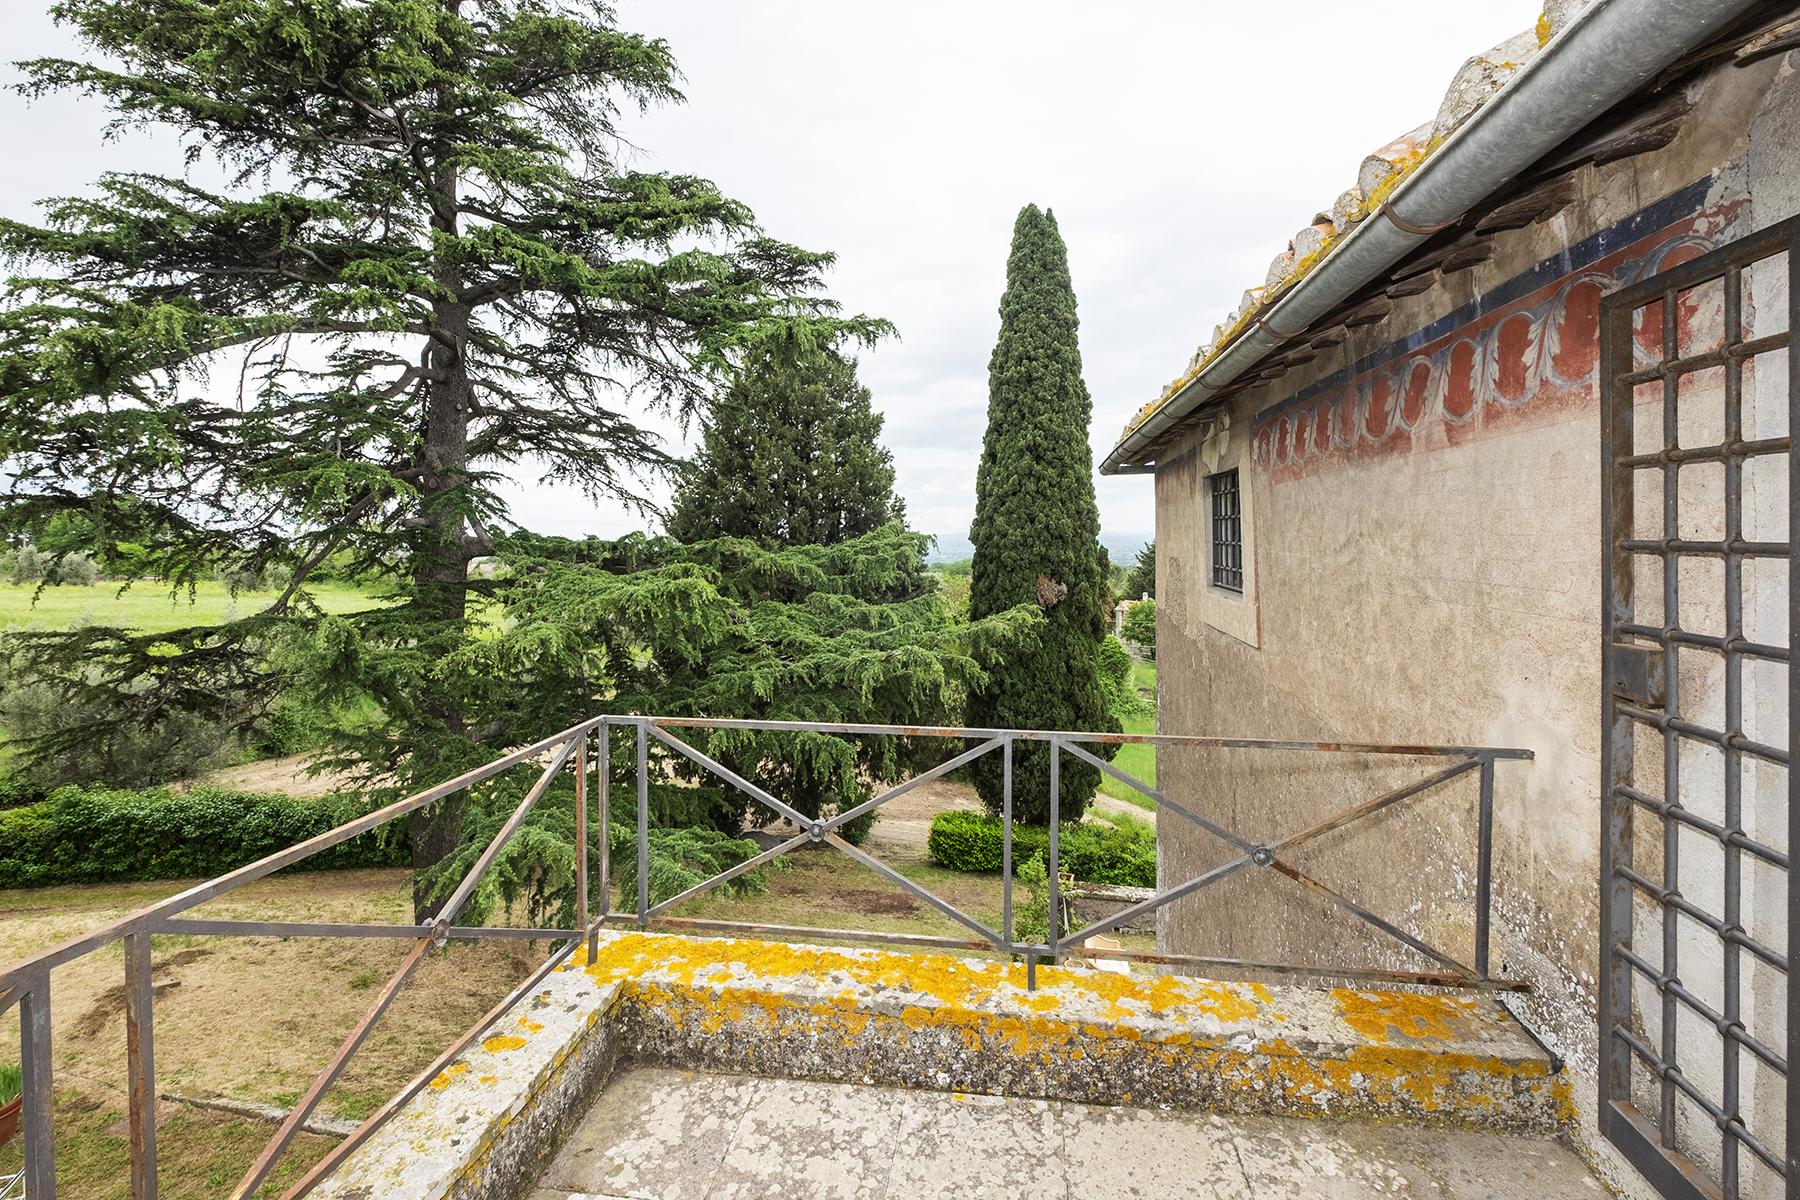 Rustico in Vendita a Viterbo: 5 locali, 900 mq - Foto 19